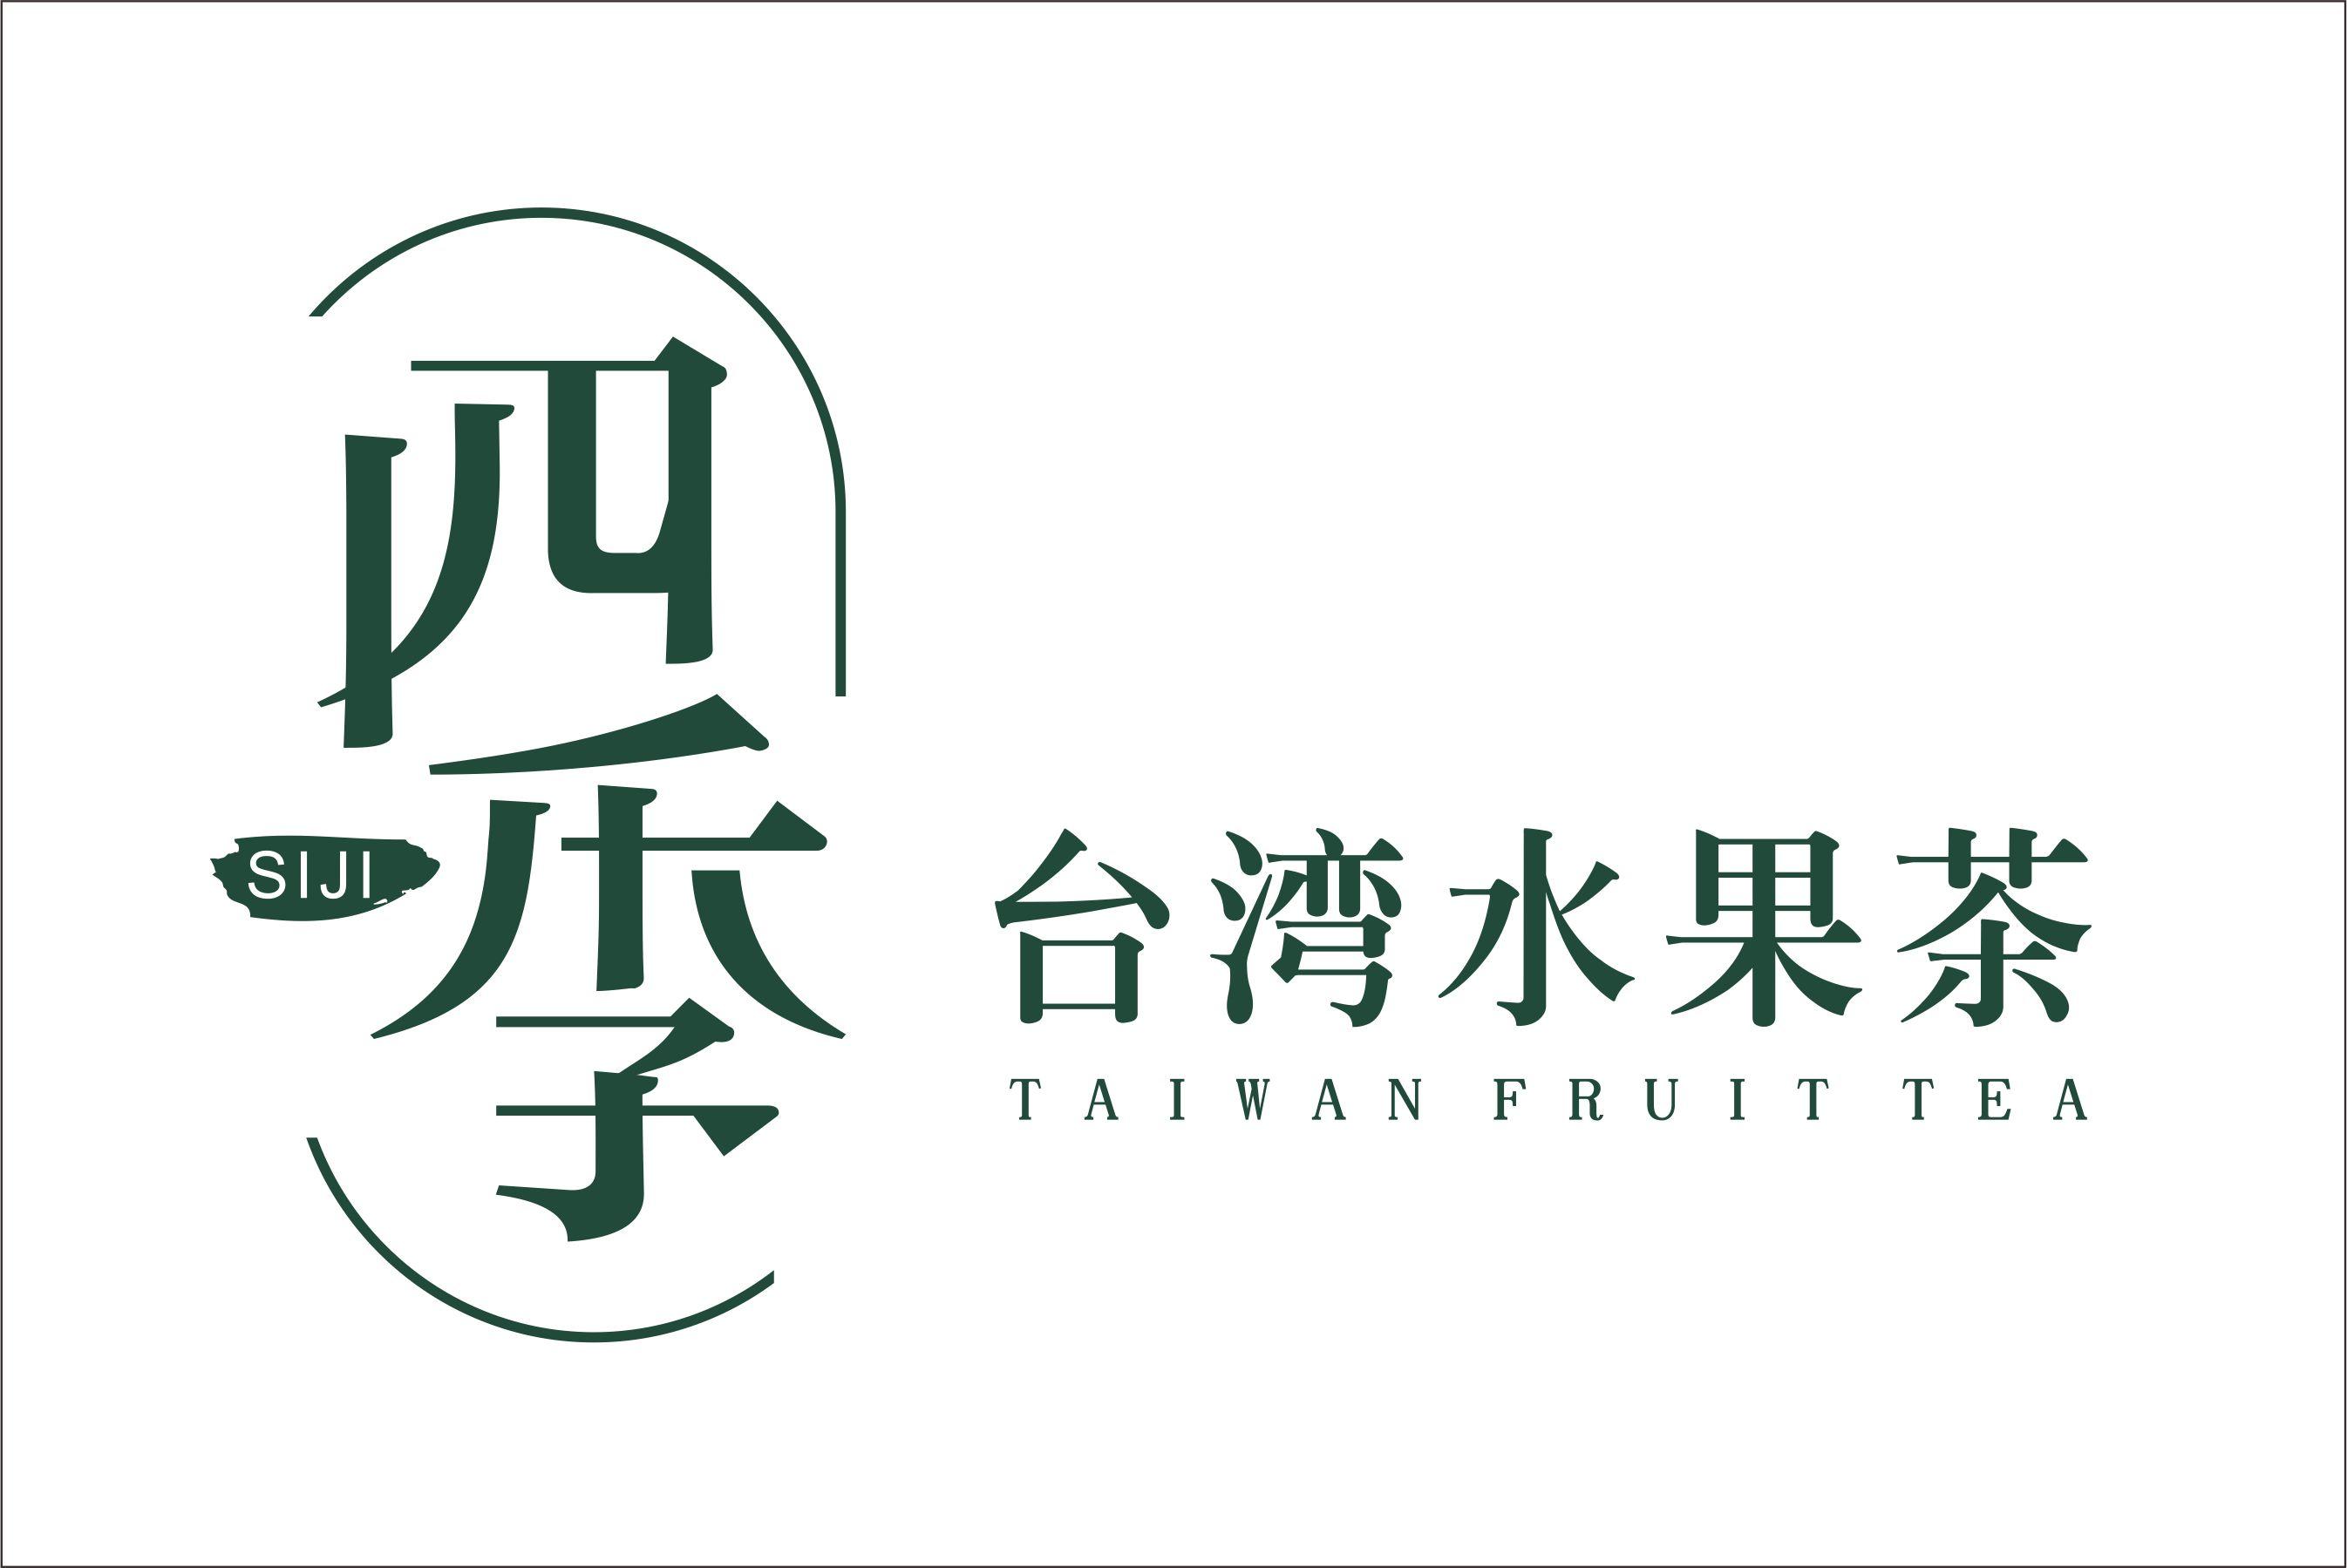 注册图文图形ogo标志商标lLOGO设计企业公司品牌平面设计